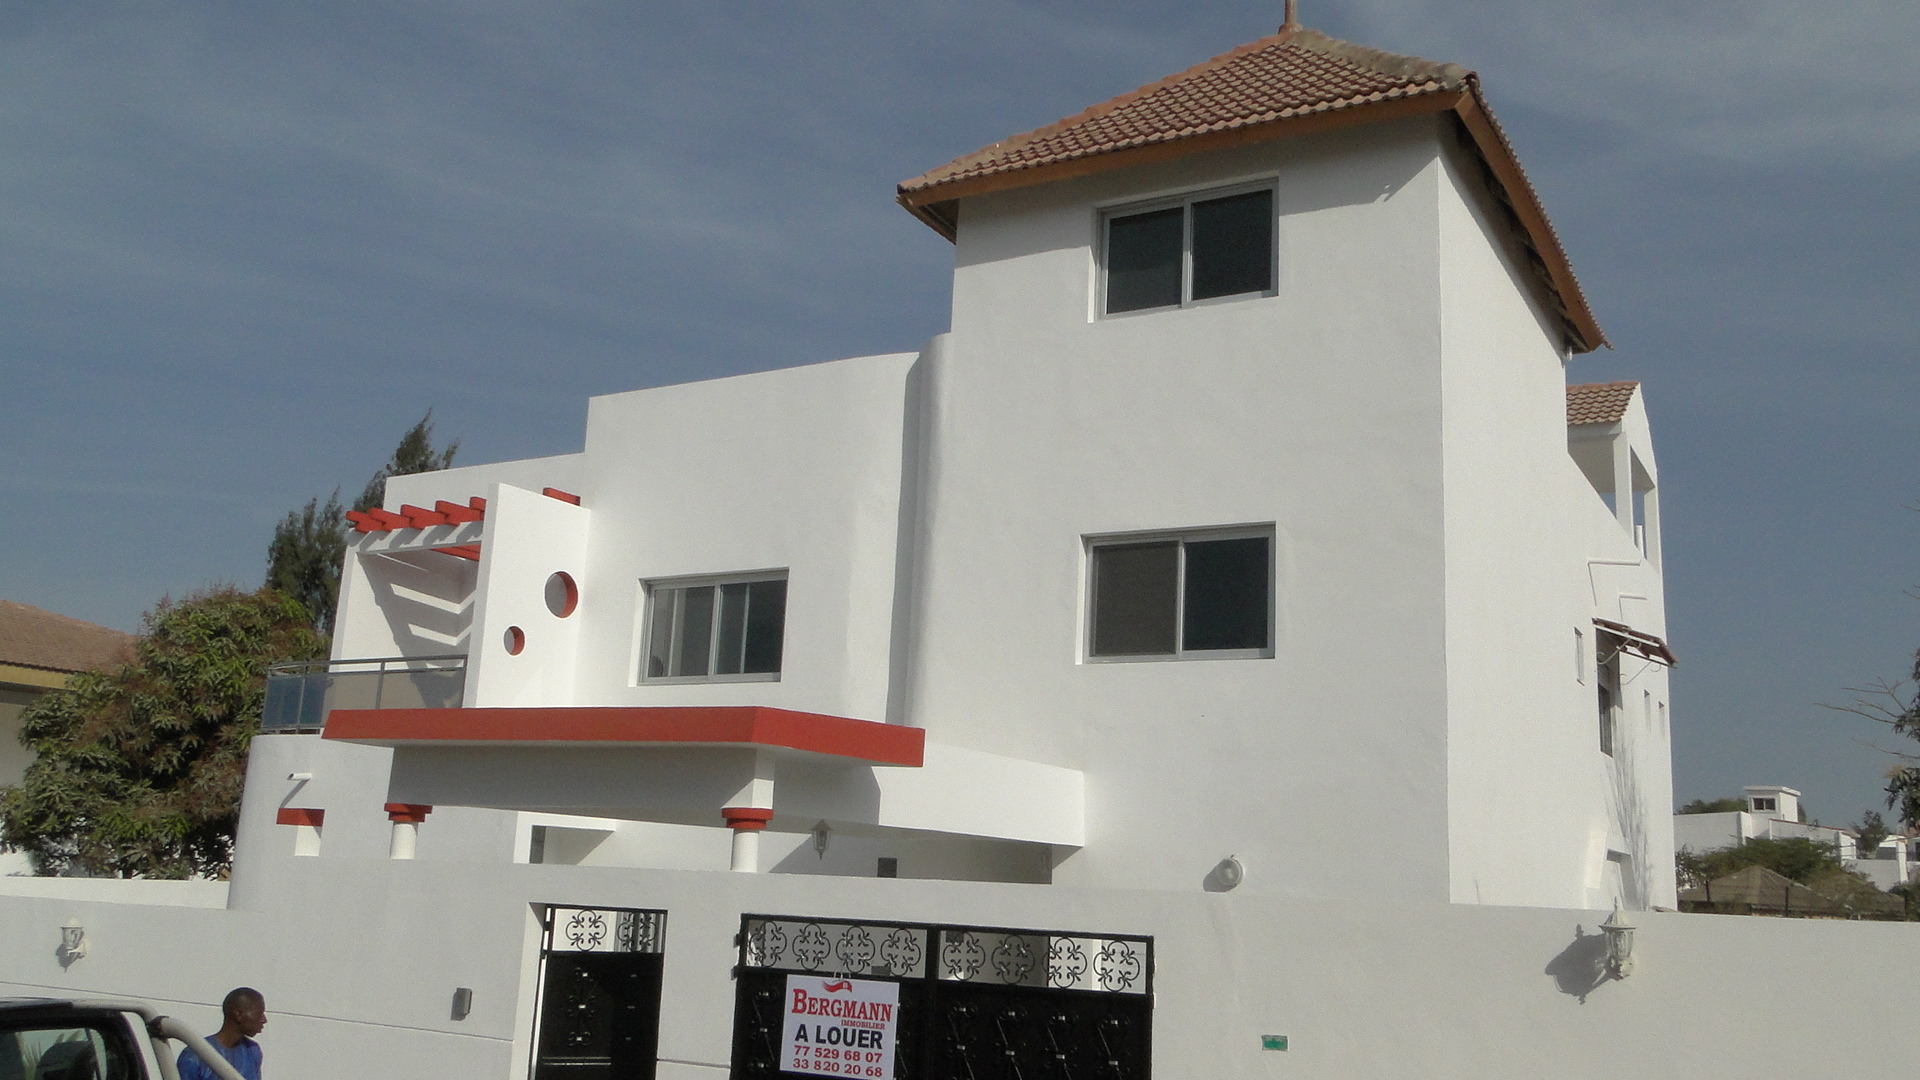 Villa a vendre almadies titre foncier for Acheter une maison au senegal dakar